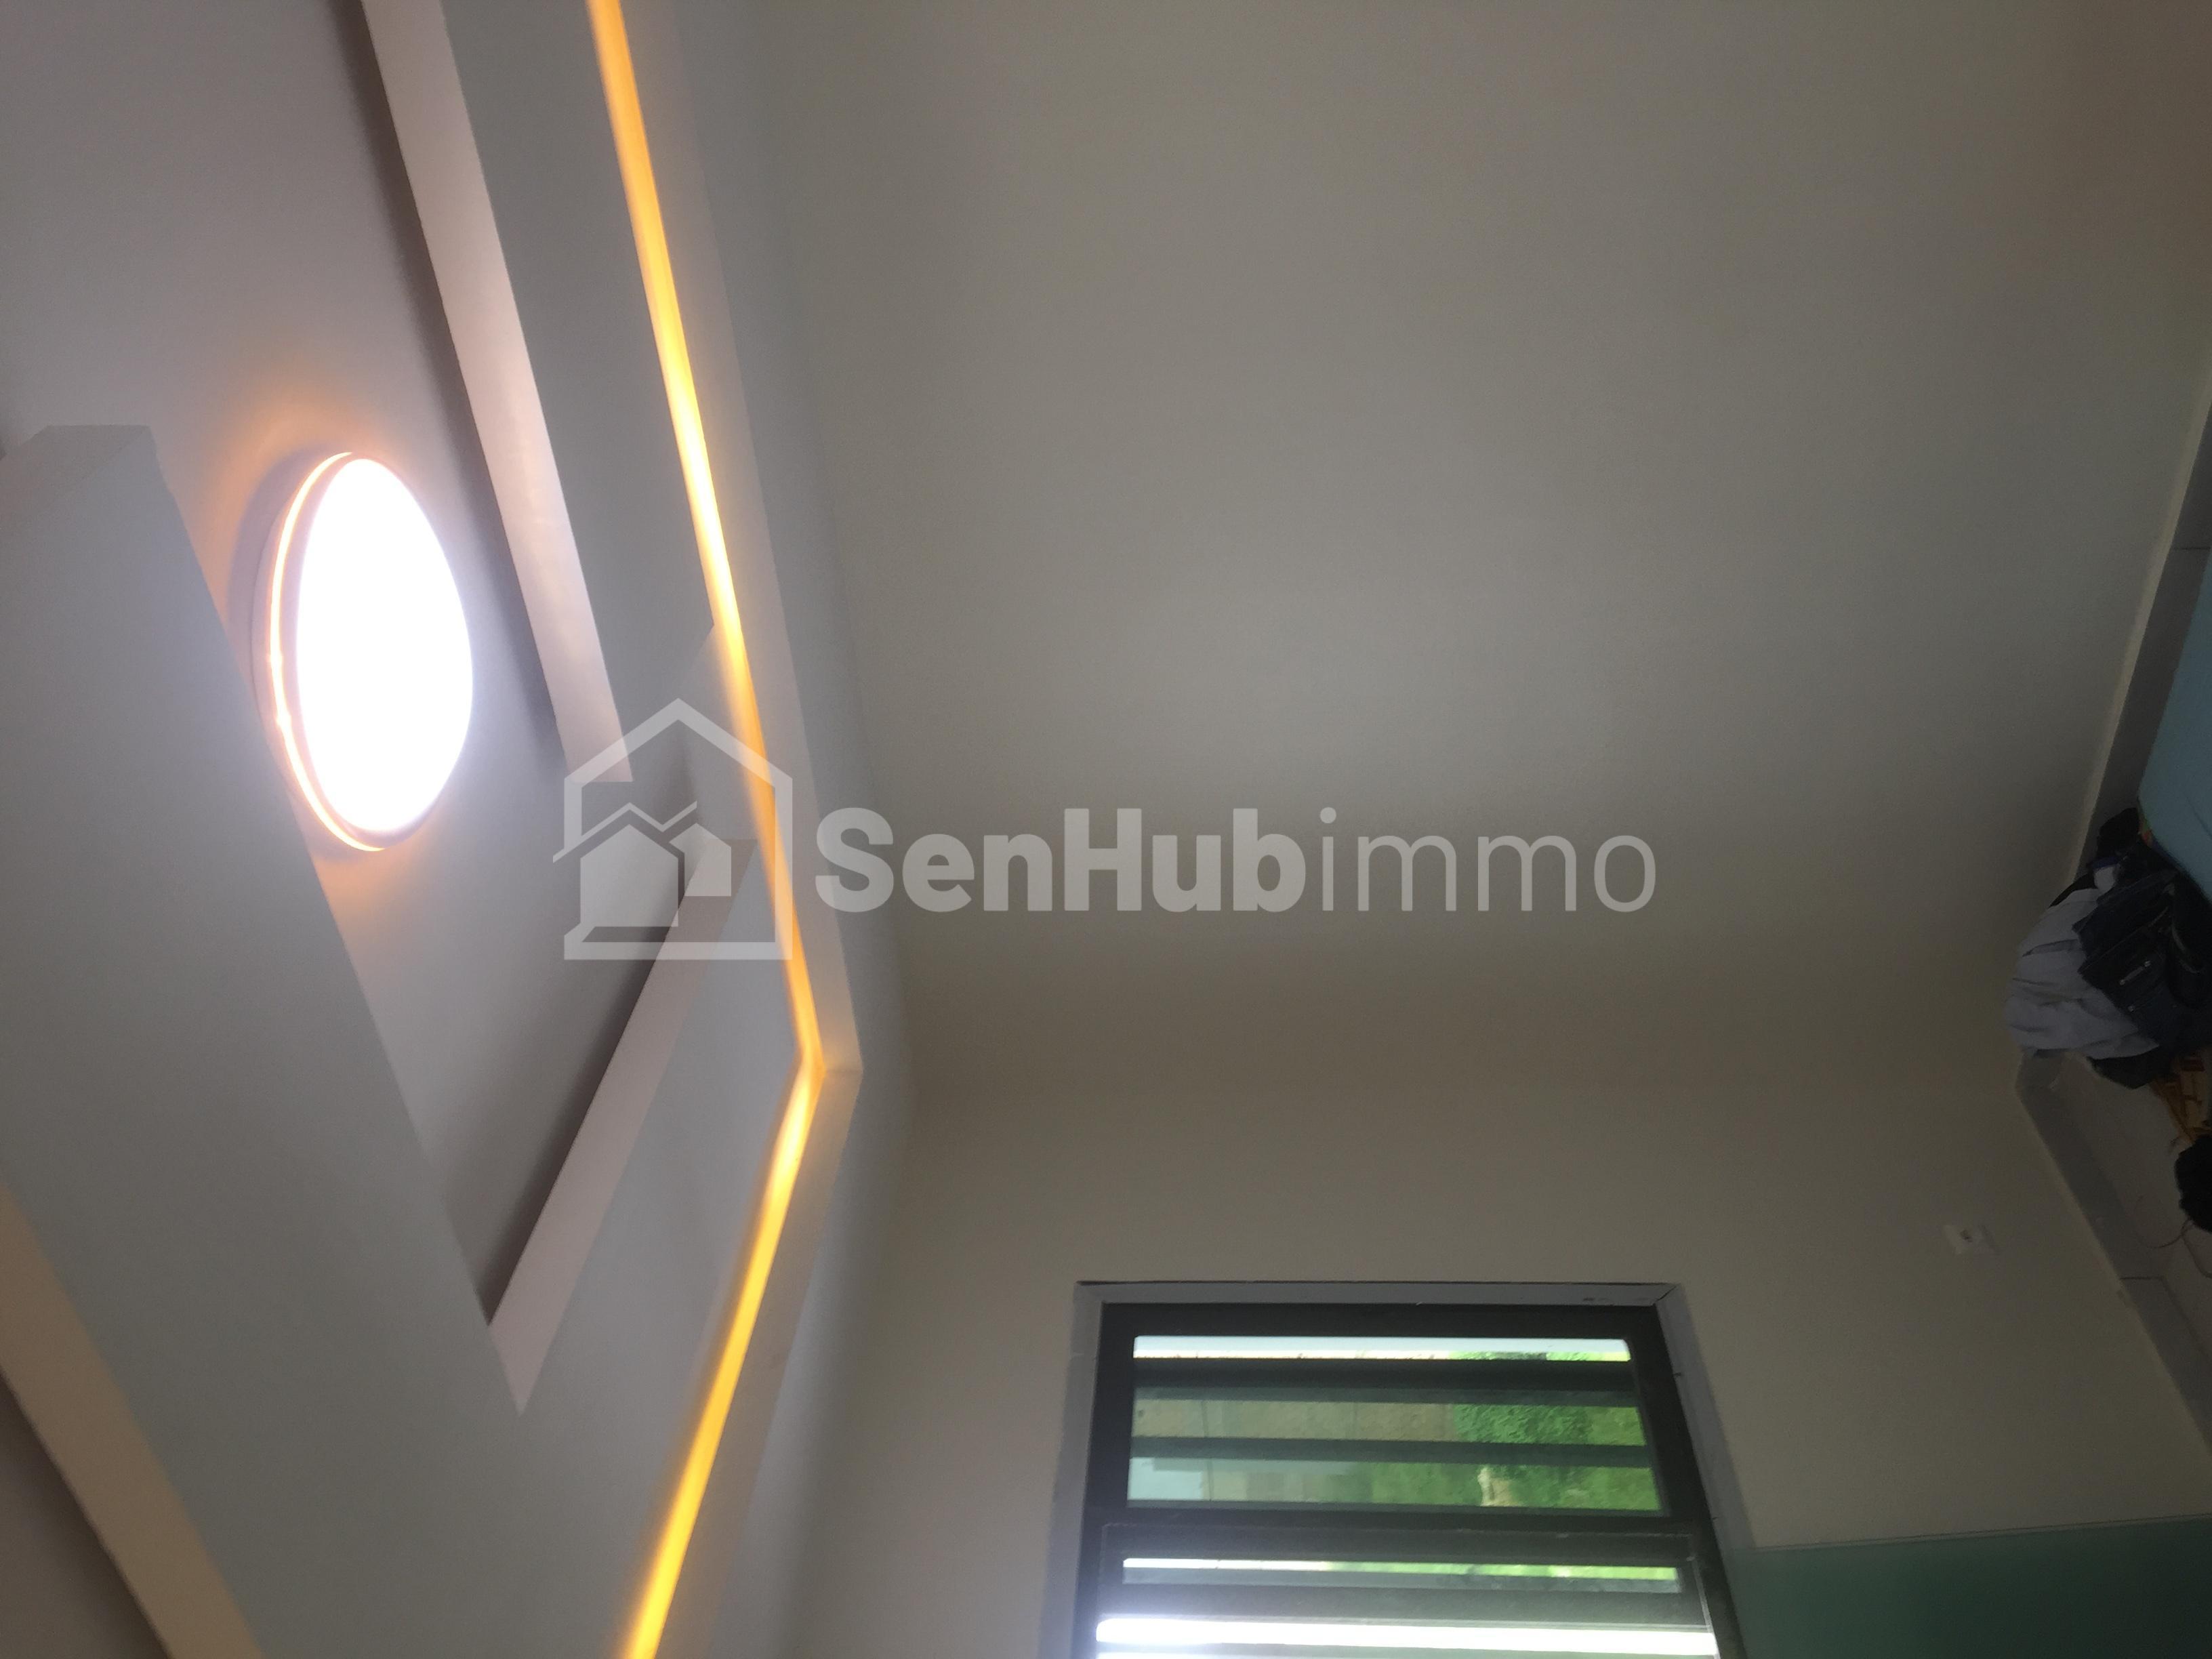 Luxueux appartement neuf de 3chambres salon a louer a keur massar alemadie 2 - SenhubImmo.com